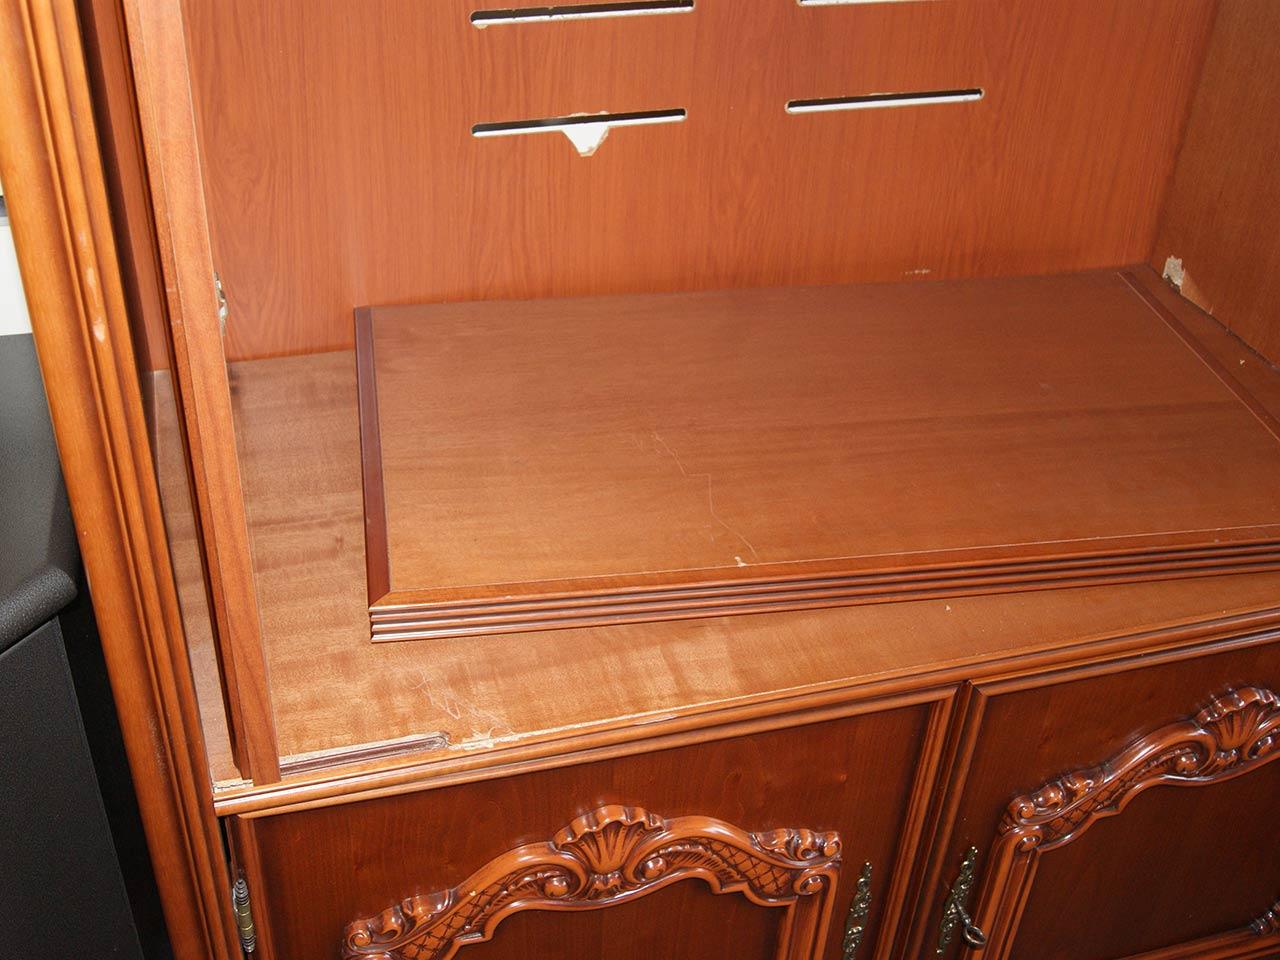 fernsehschrank tv schrank kirsche chippendale echtholzfurnier teilmassiv ebay. Black Bedroom Furniture Sets. Home Design Ideas